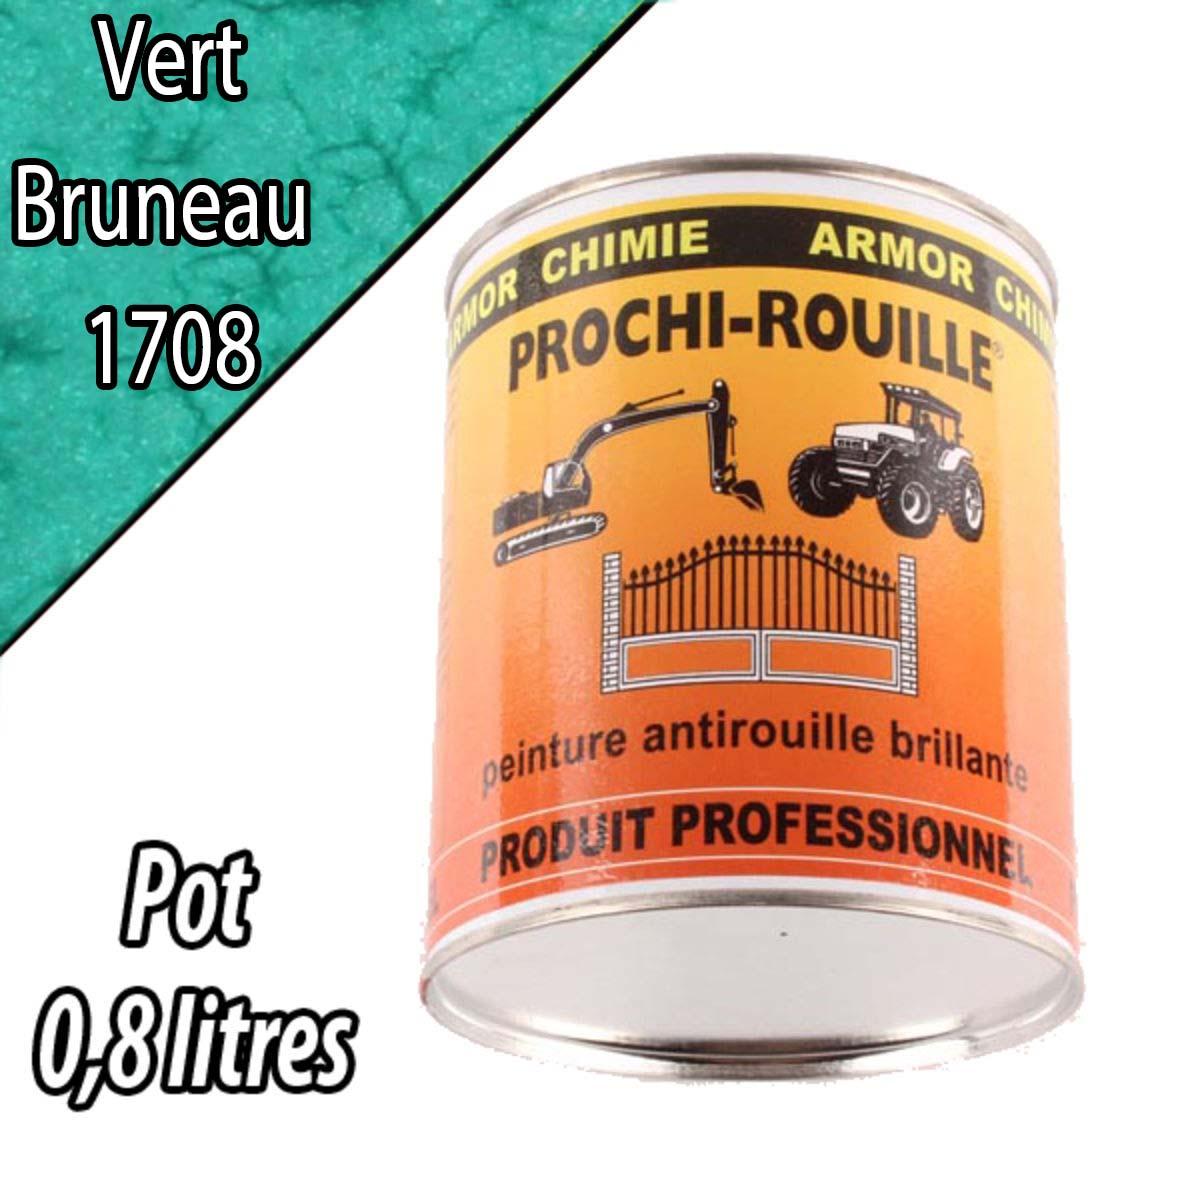 Peinture agricole PROCHI- ROUILLE brillante, vert, 1708, BRUNEAU, Pot 0,8 L